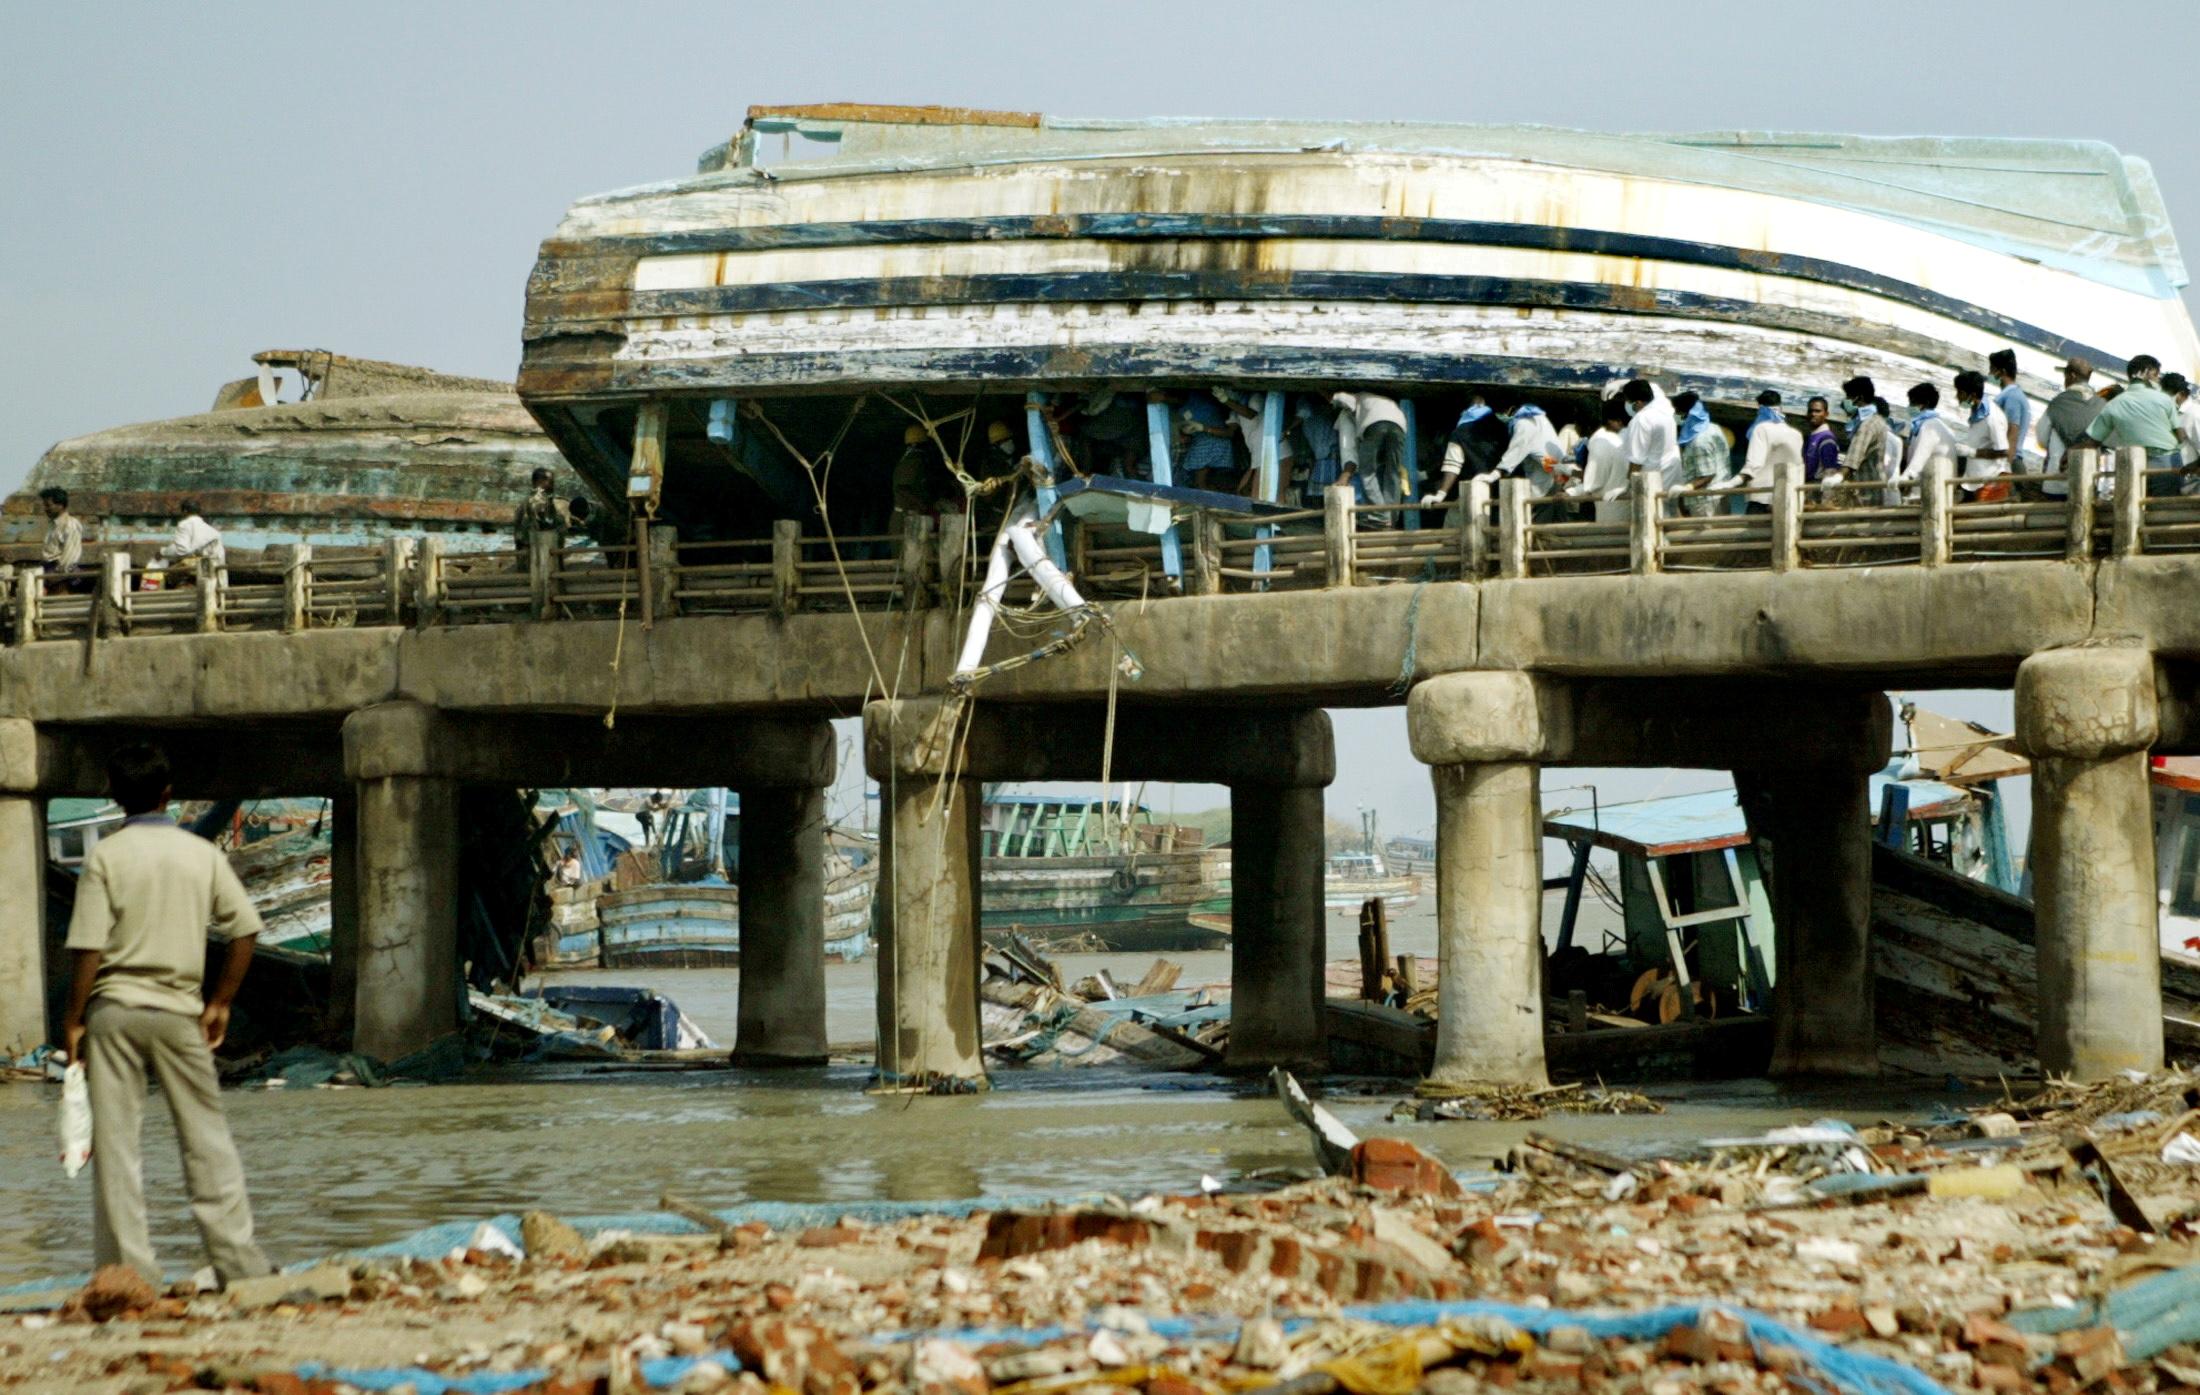 2004年12月26日印度洋大海啸,1天内造成23万人死亡。图示当时一艘拖网渔船被大浪冲上印度的纳加伯蒂讷姆港口。-路透社-